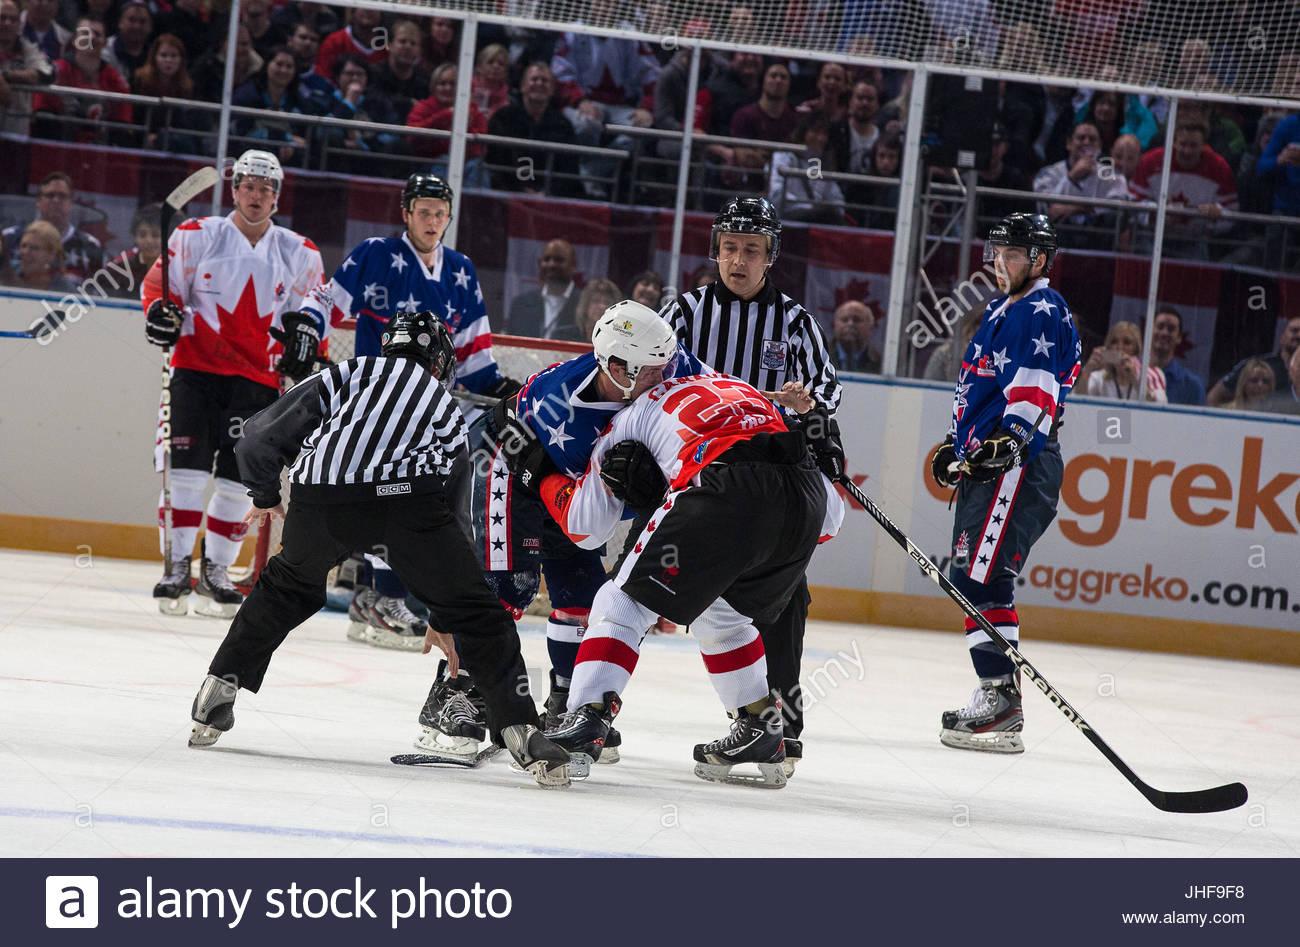 Encantador Jugador De Hockey Para Colorear Bandera - Enmarcado Para ...